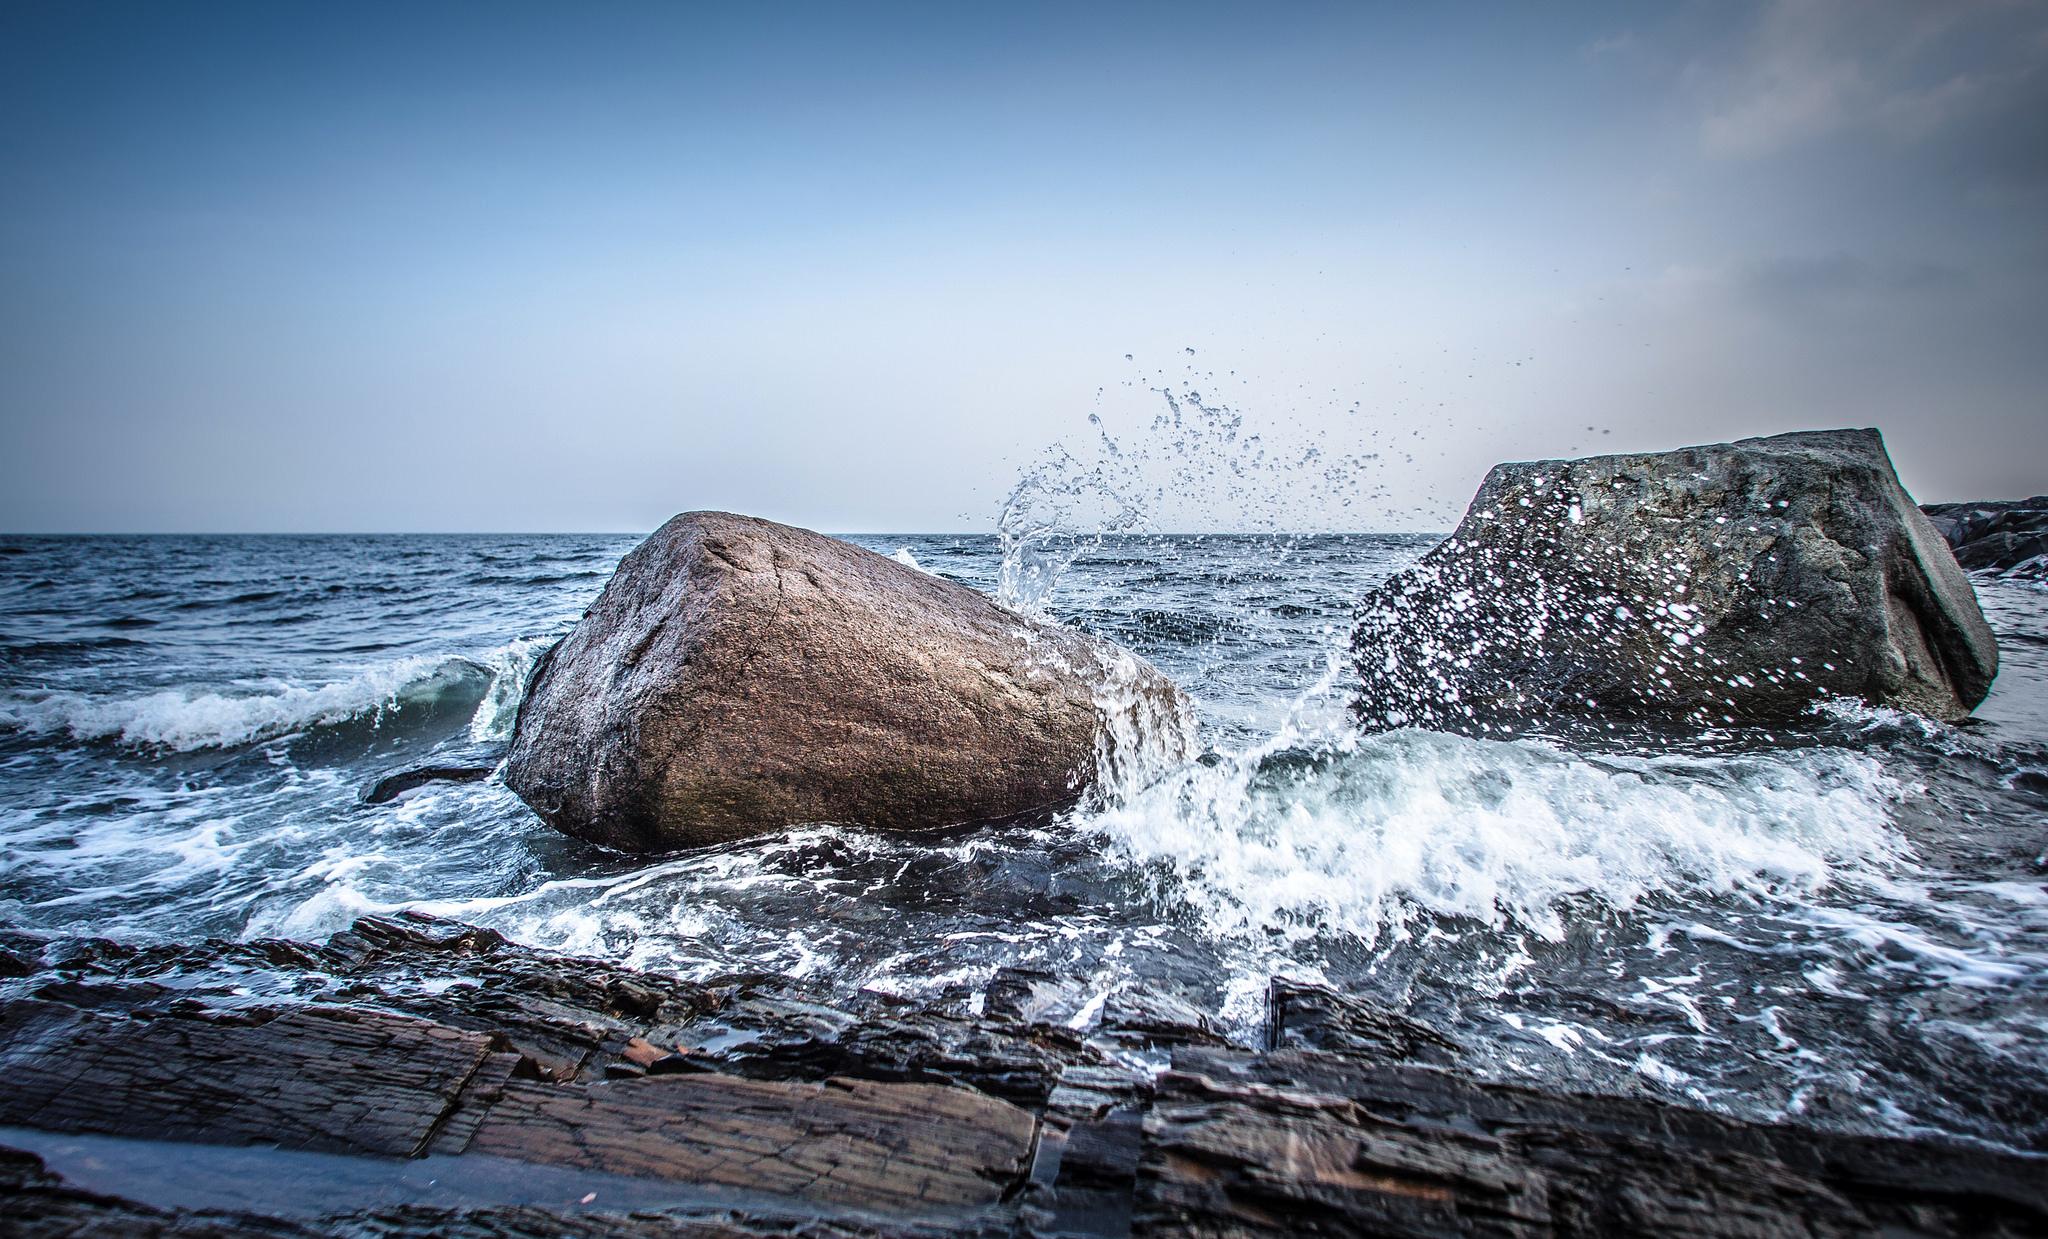 брызги вода море камень  № 2149605 бесплатно